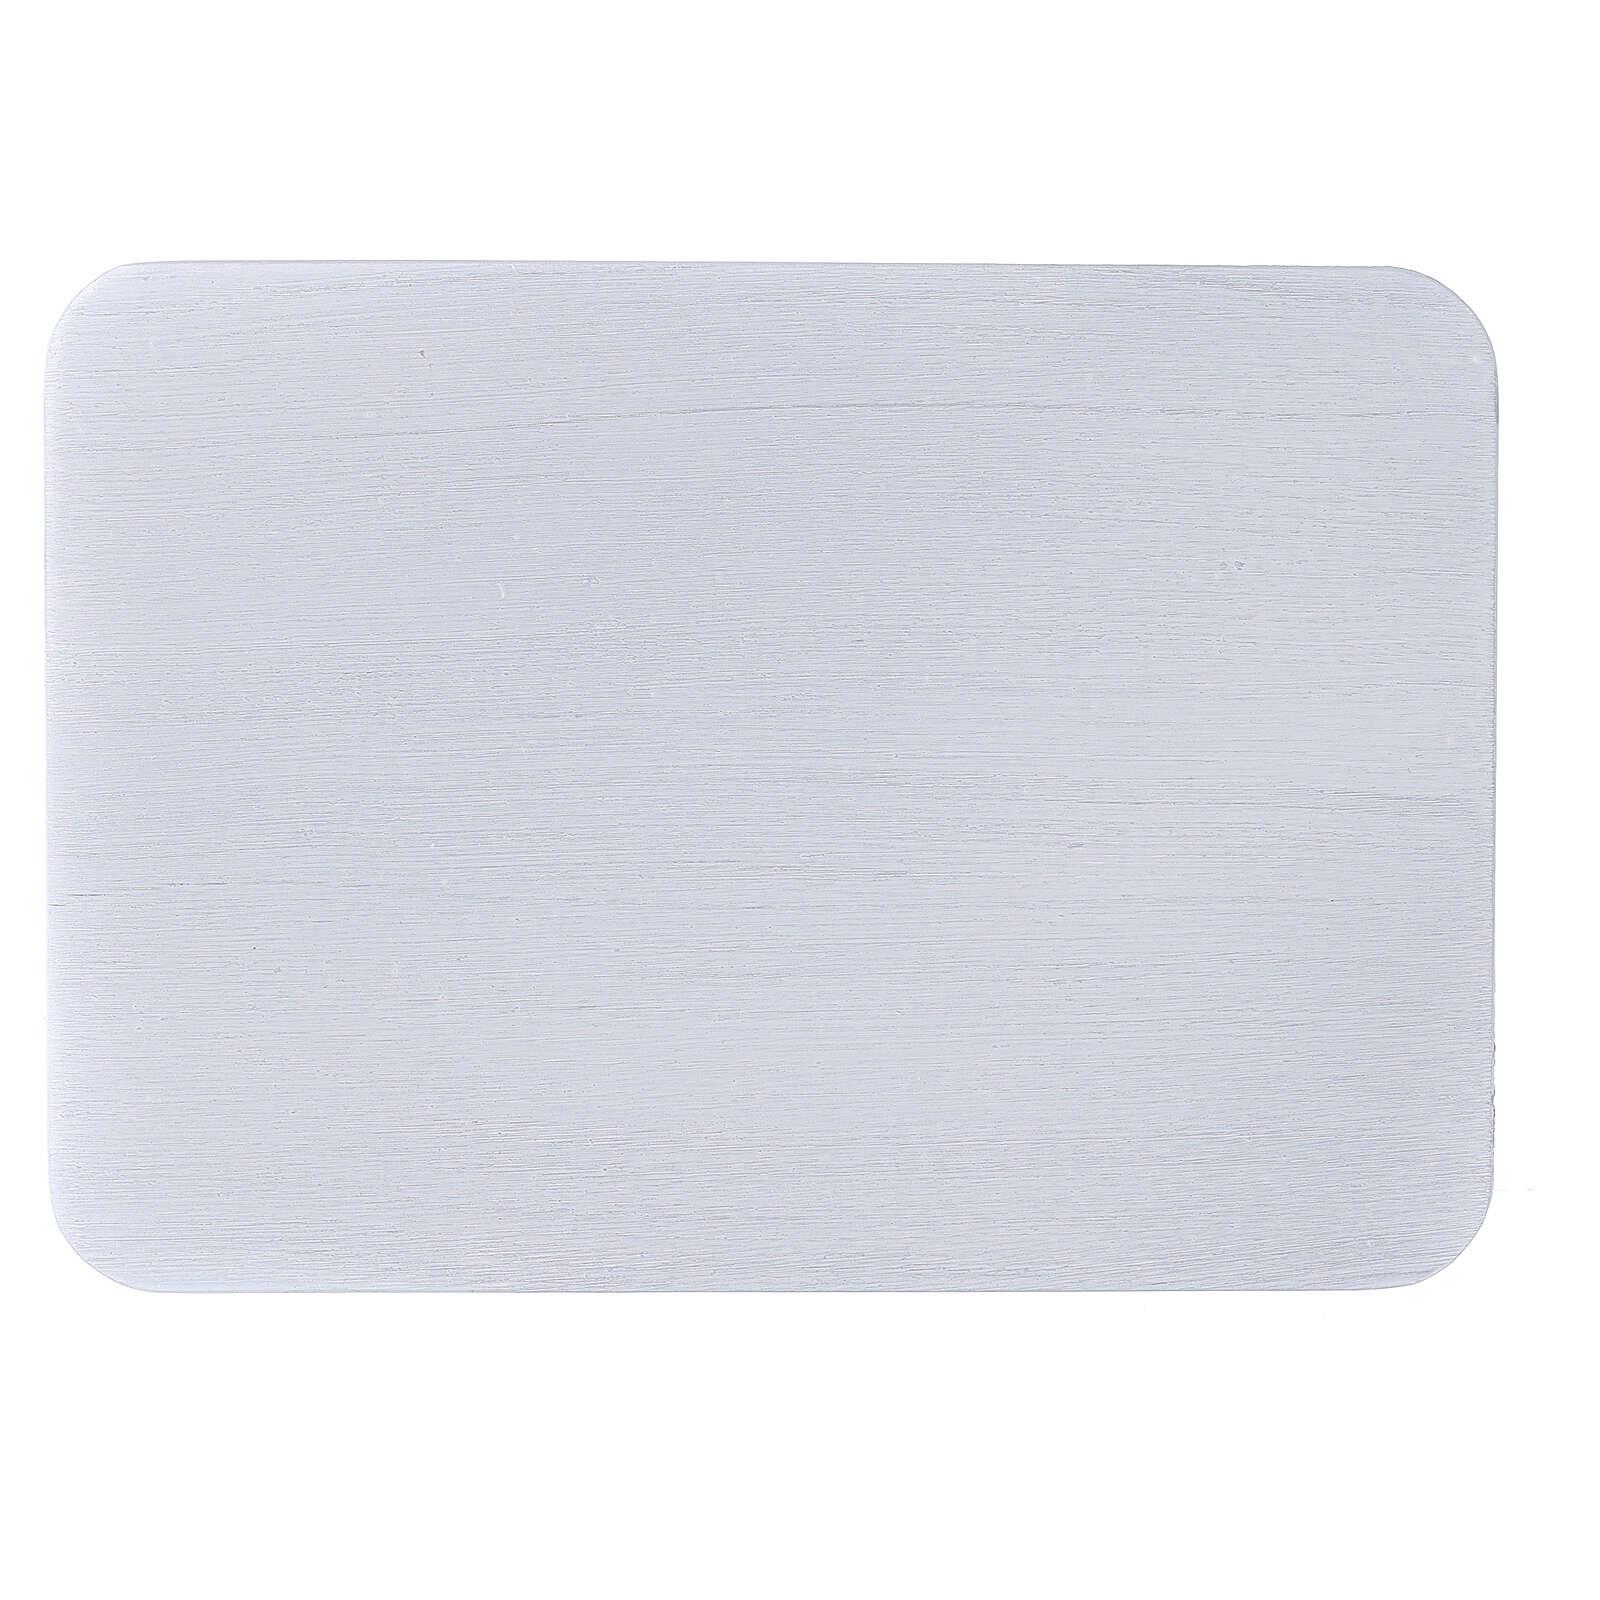 Assiette bougeoir aluminium brossé 17x12 cm rectangulaire 3